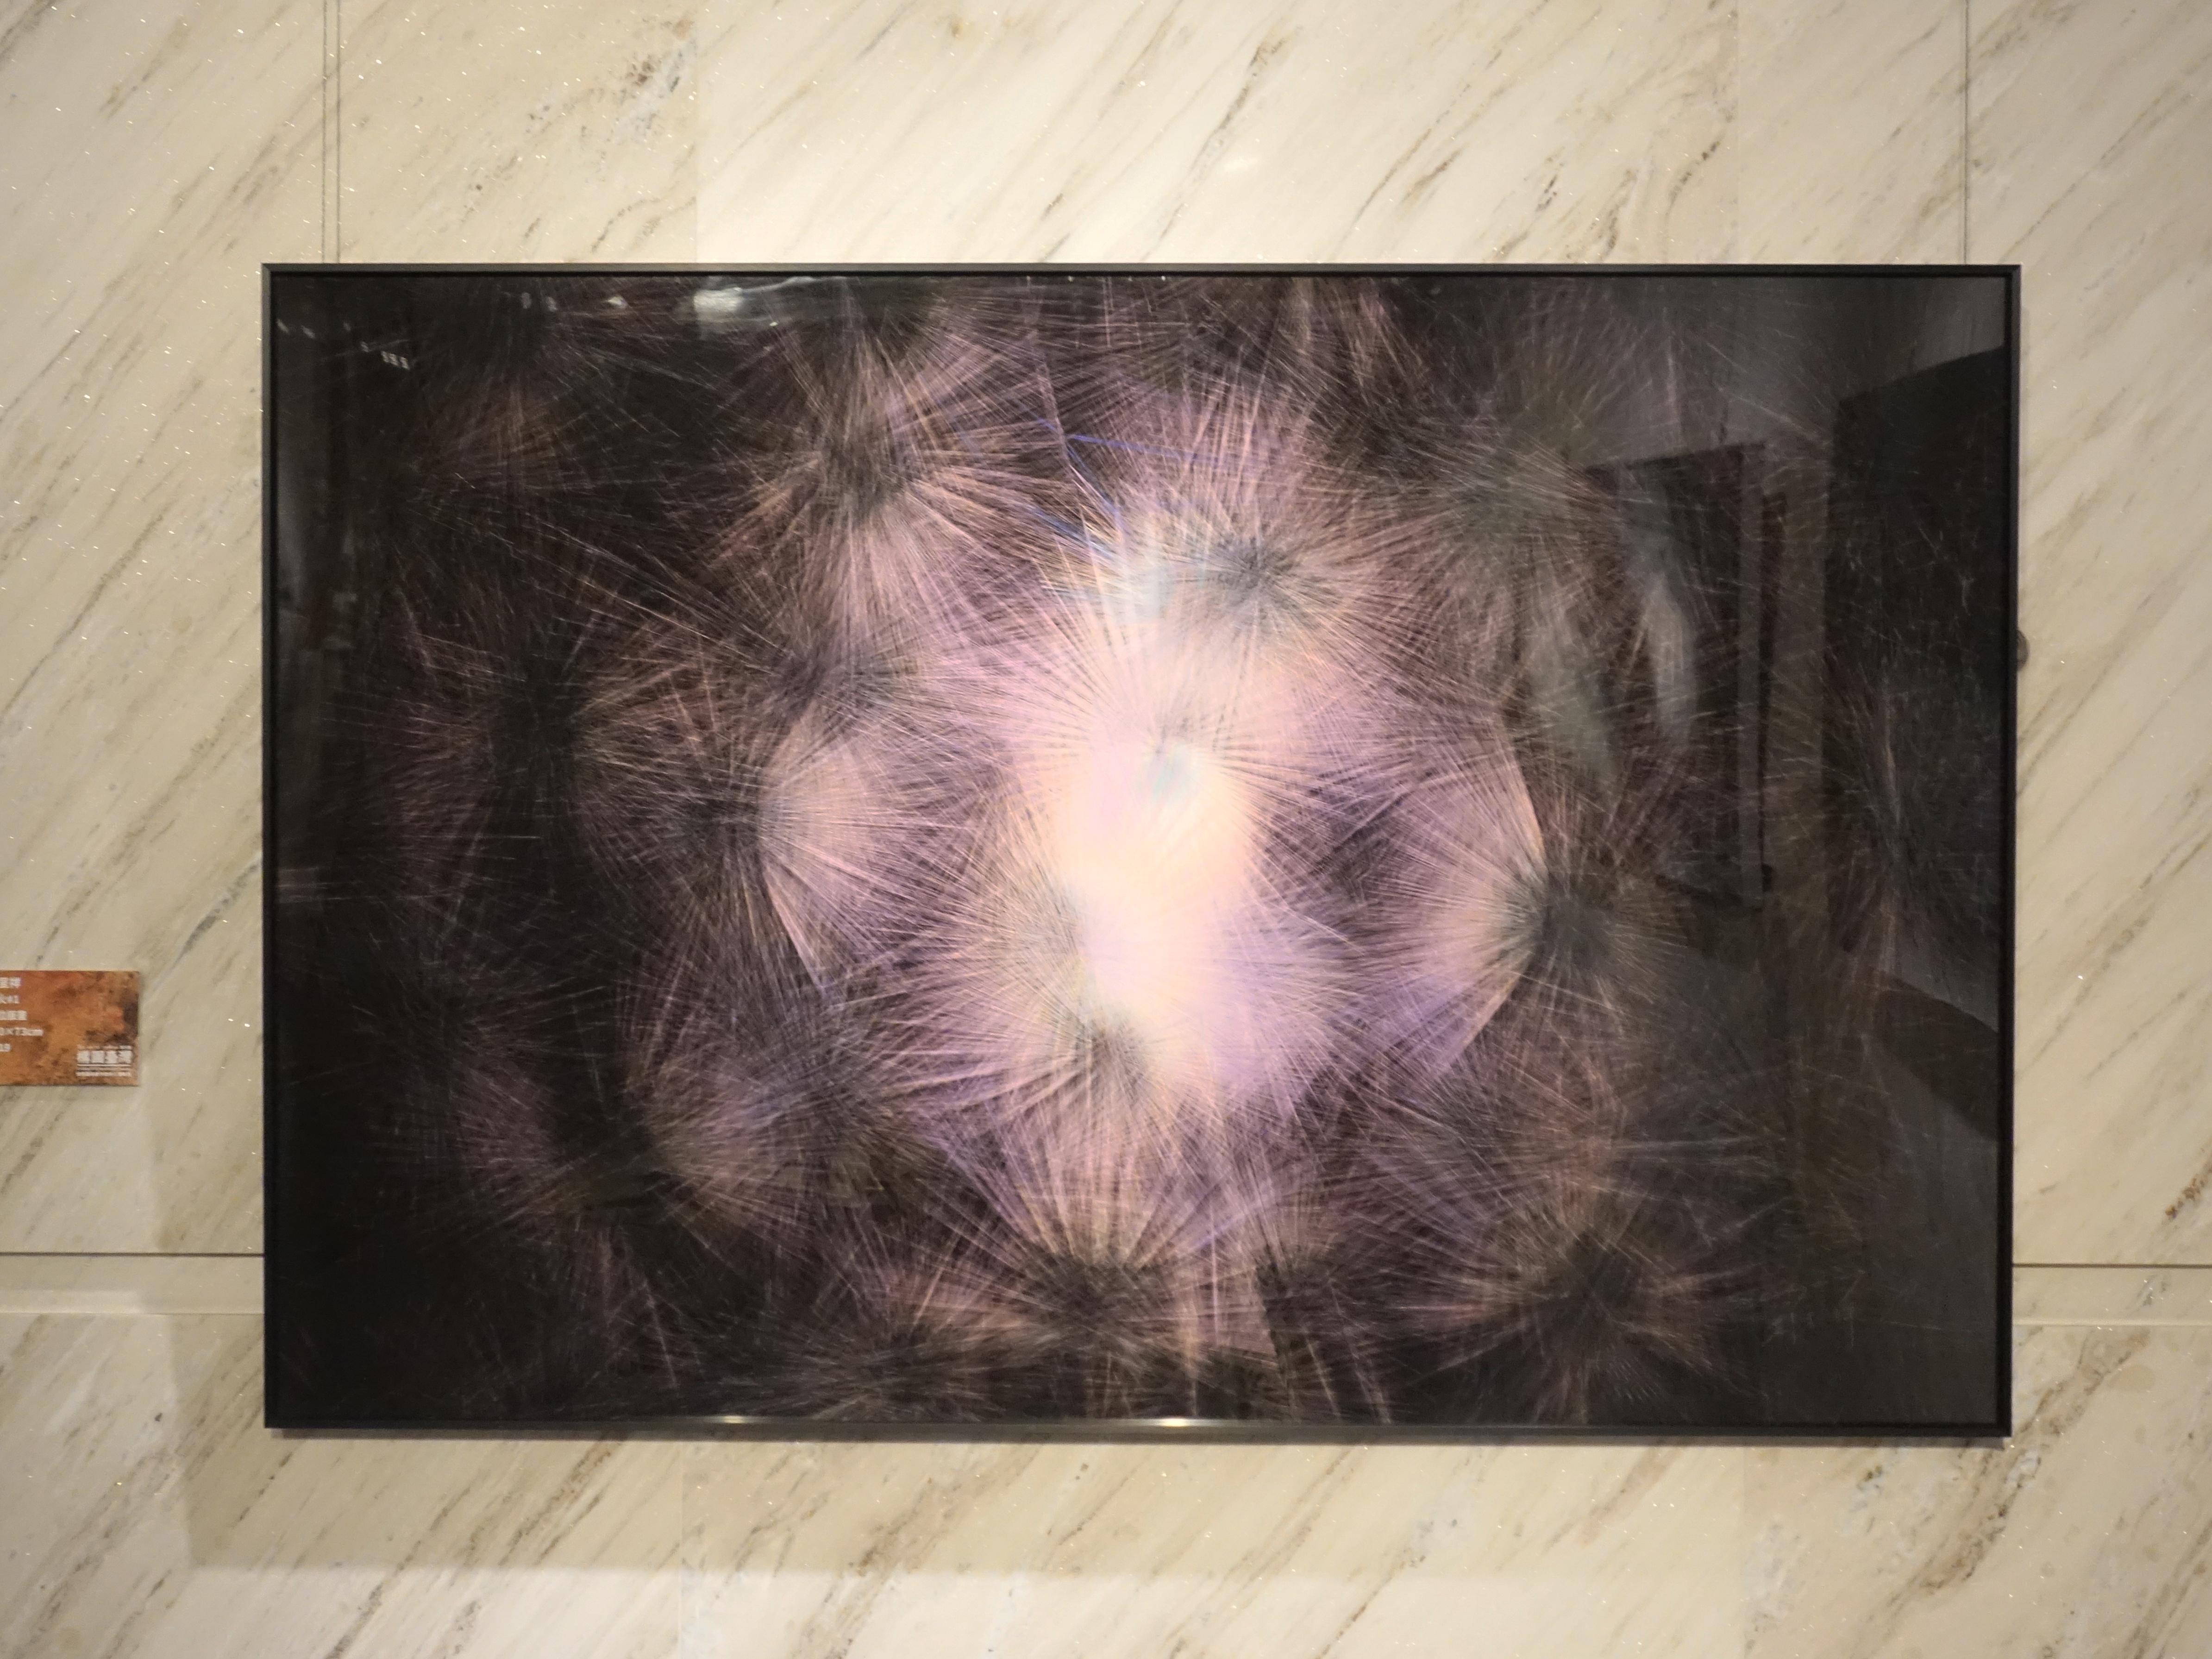 劉呈祥,《星火31》,數位版畫,110x73cm,2019。